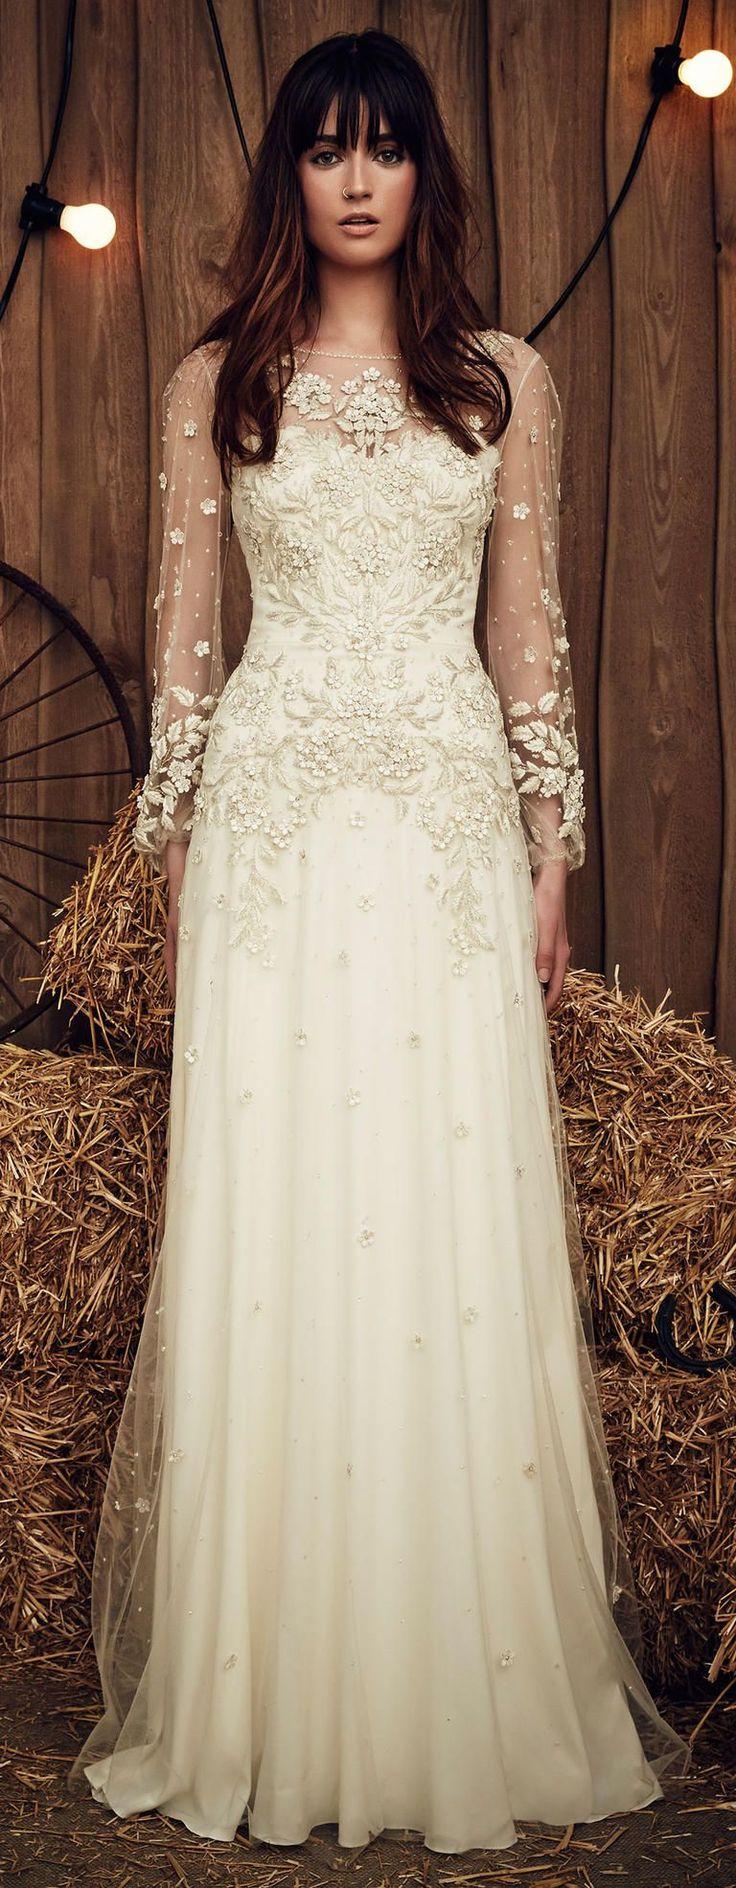 Свадебное платье айвори с кружевными длинными рукавами